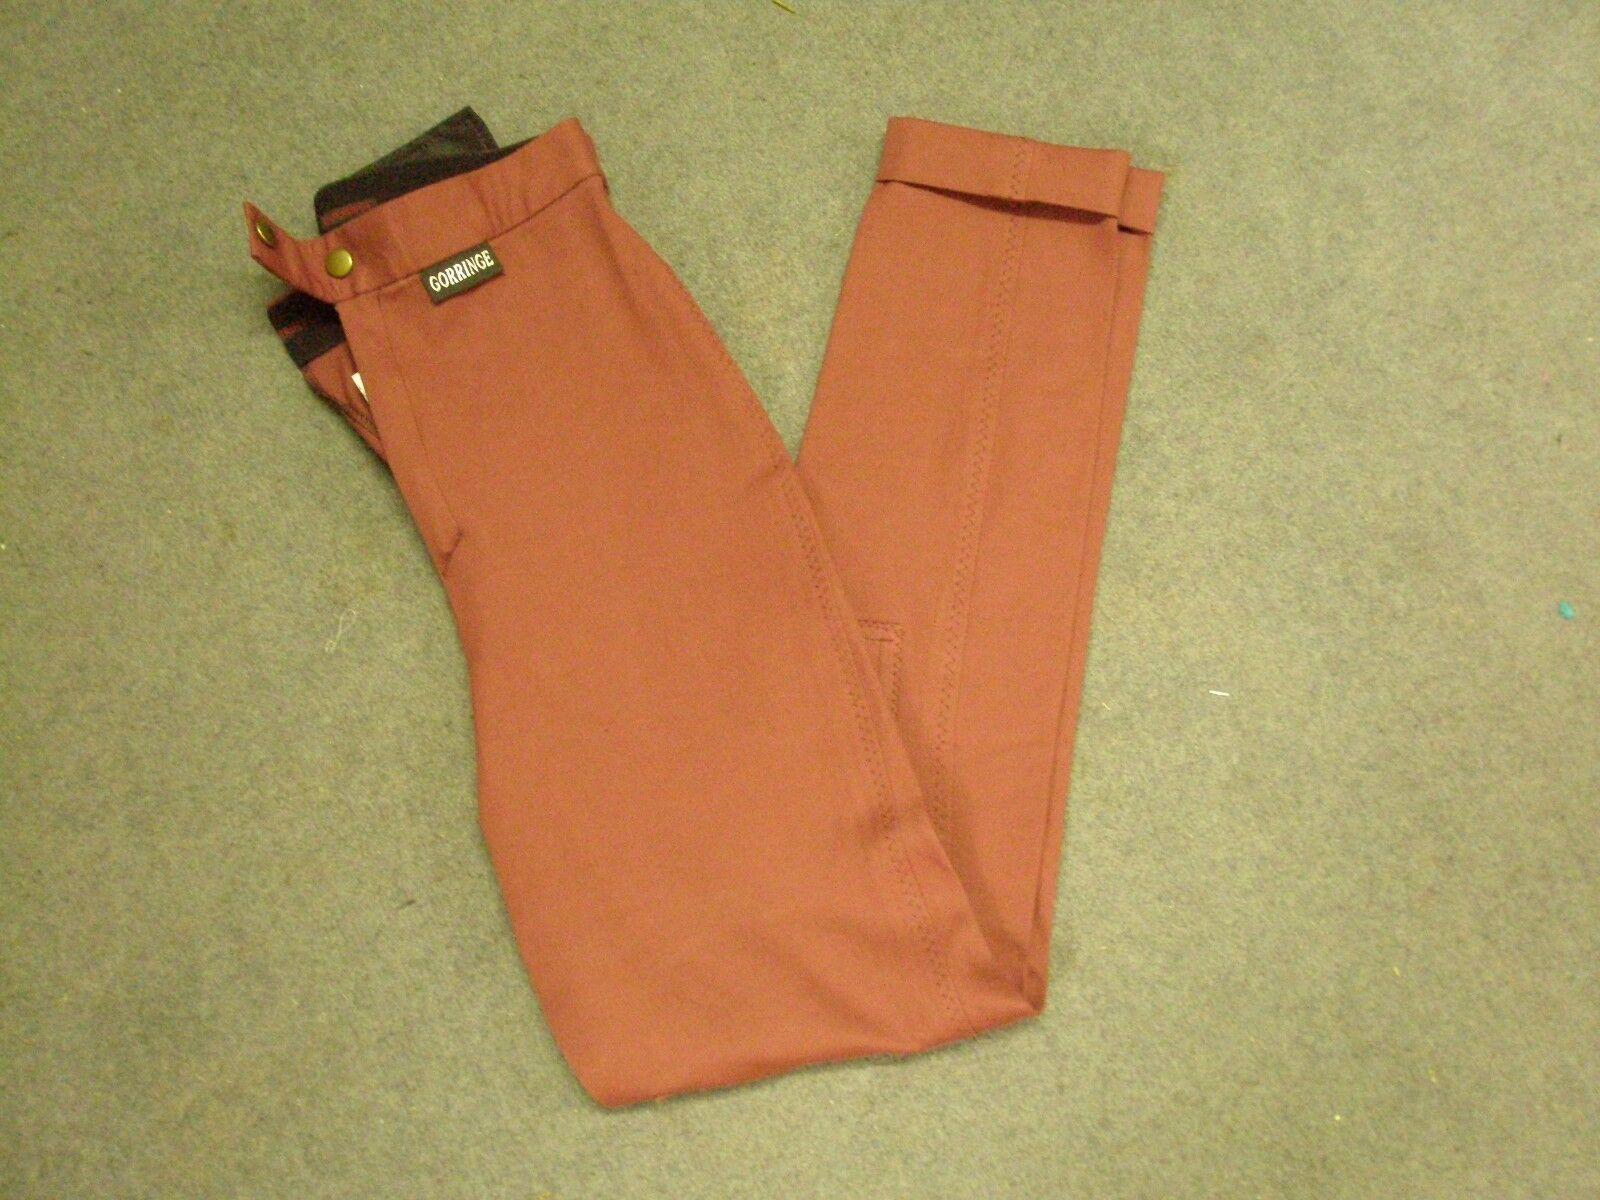 Gorringe Damas Borgoña  Pantalones Talla 26   Centro comercial profesional integrado en línea.